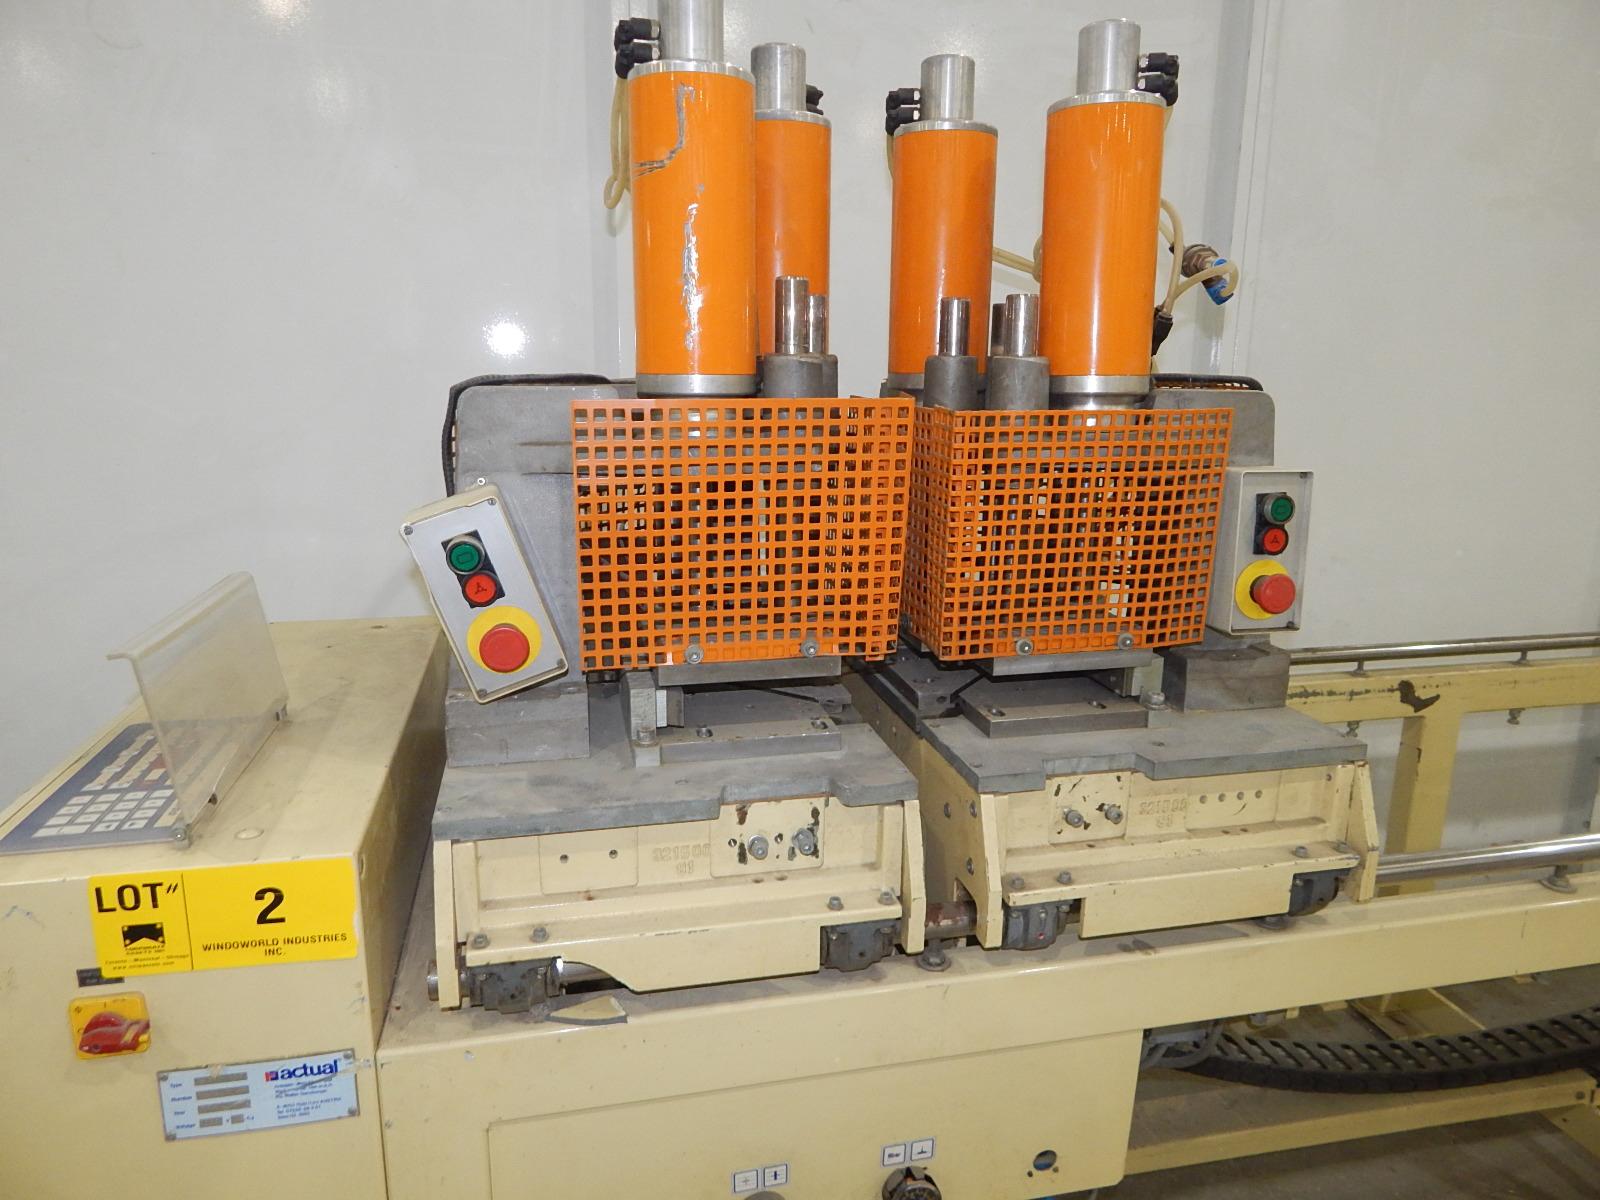 ACTUAL ANLANGEN A 312 S 90 TWIN HEAD 90 DEGREE CORNER WELDERS WITH ACTUAL AC 6700 DIGITAL - Image 2 of 5